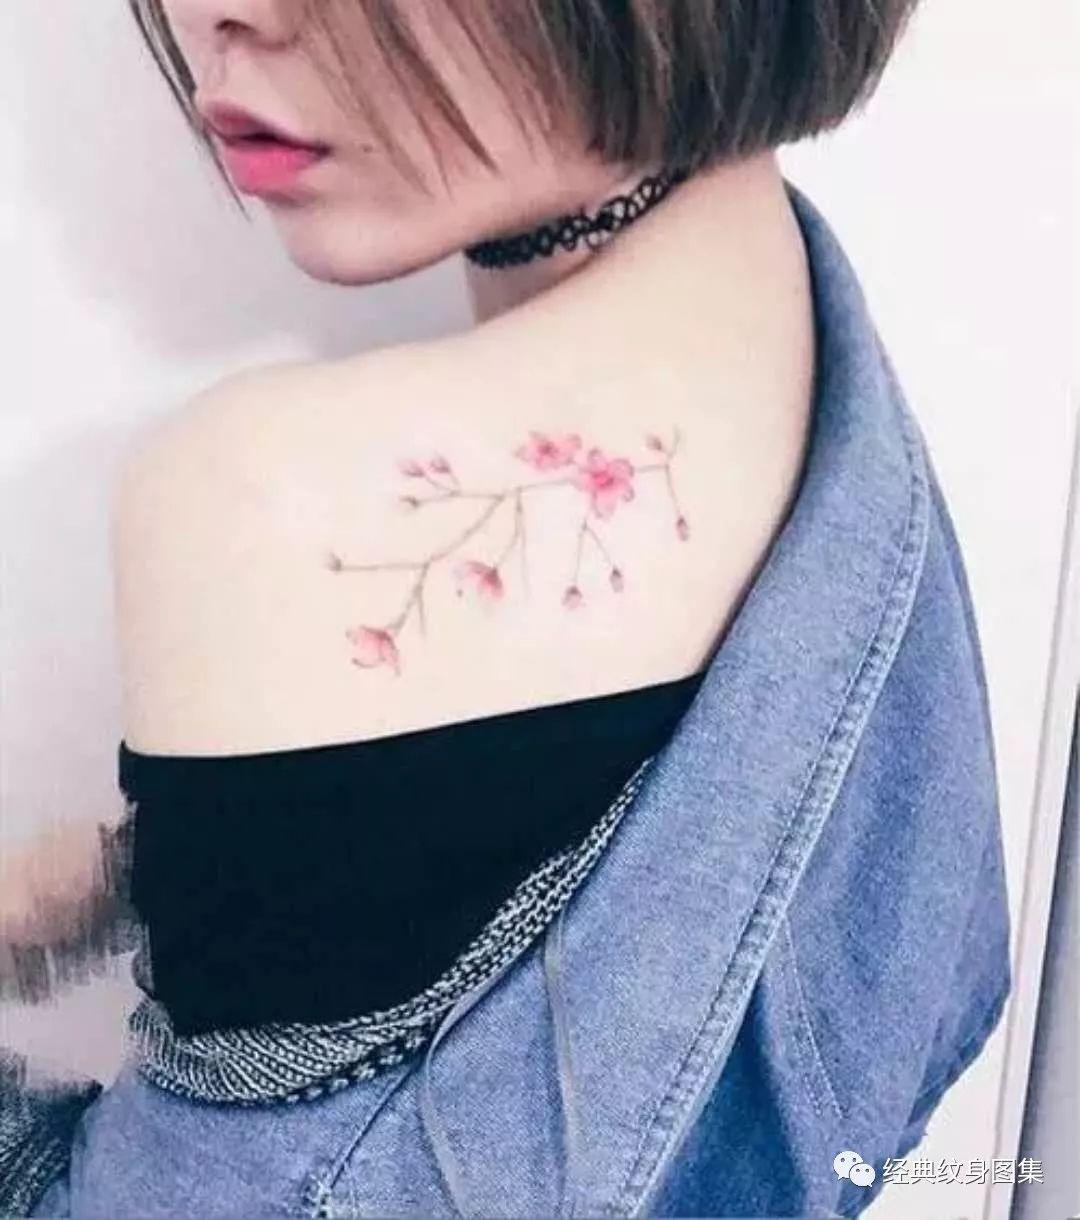 女生樱花瓣纹身图案大全 樱花纹身的含义